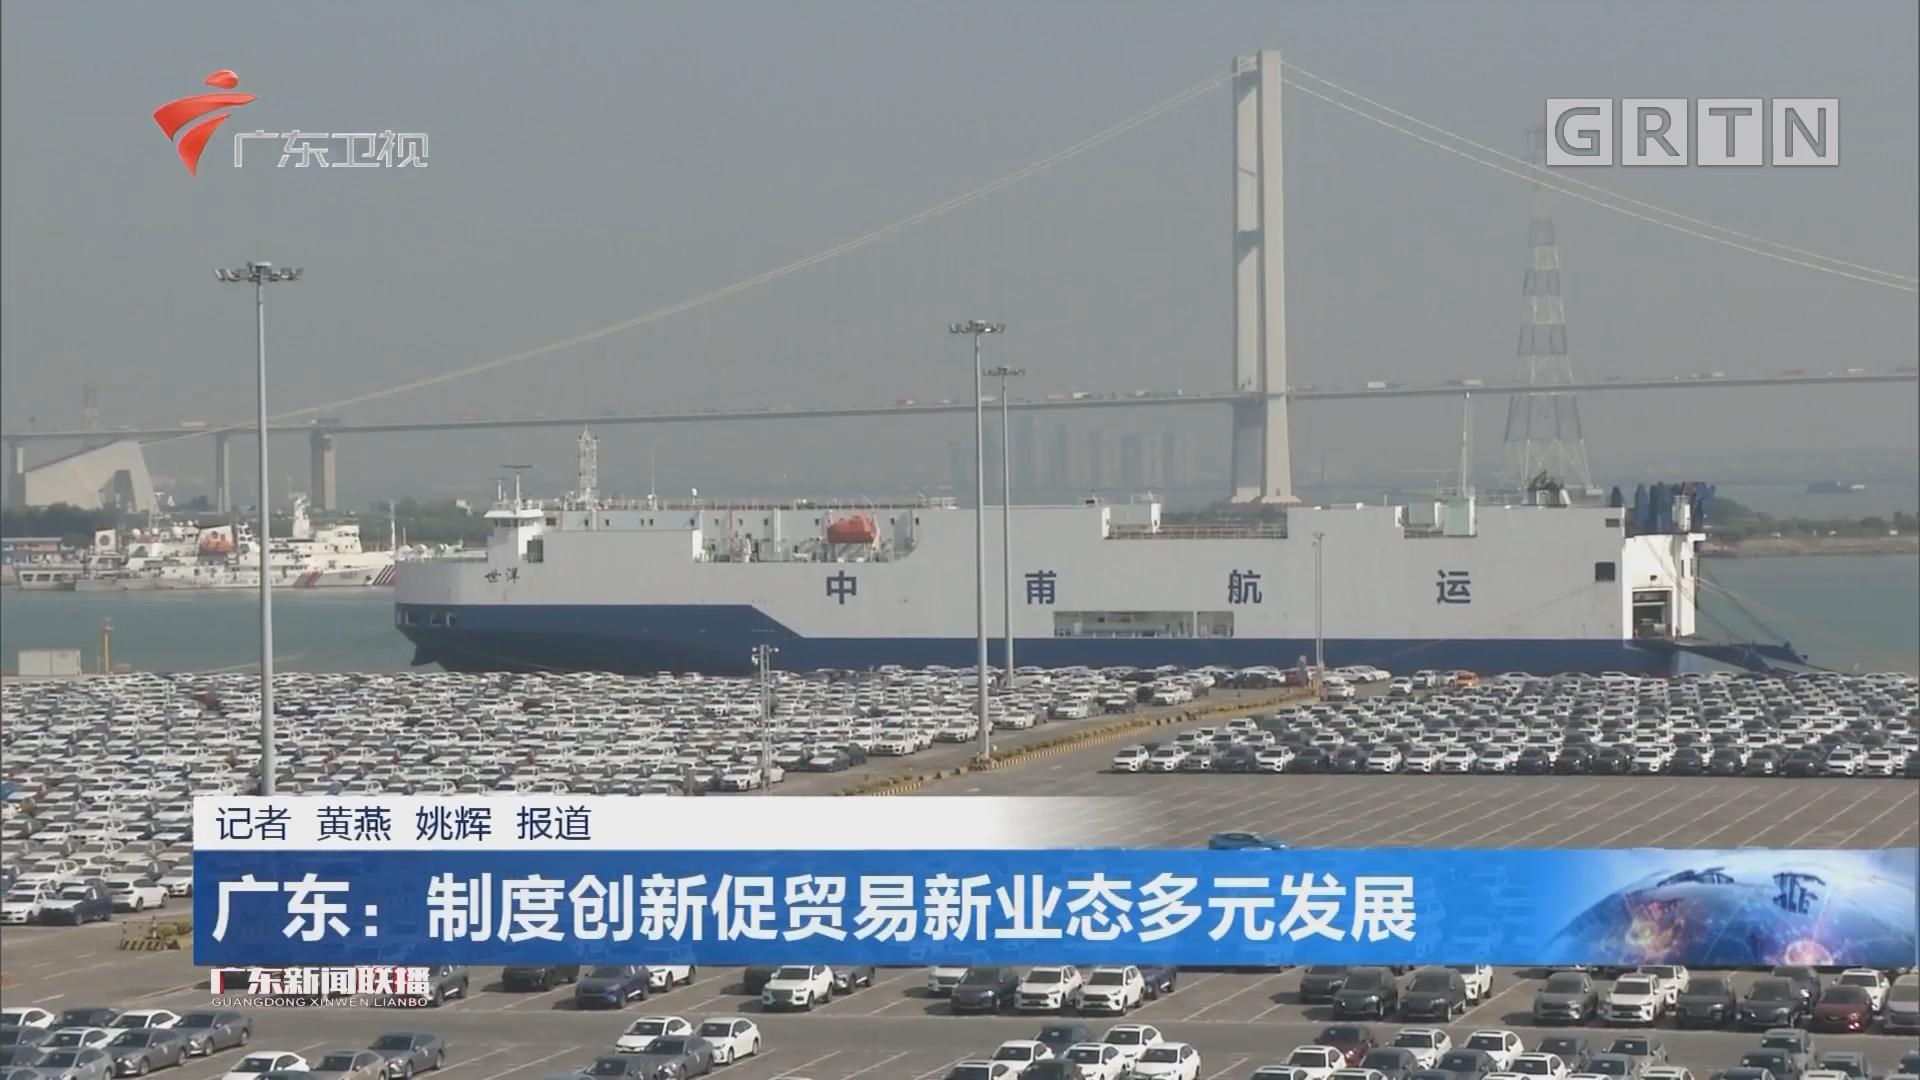 广东:制度创新促贸易新业态多元发展